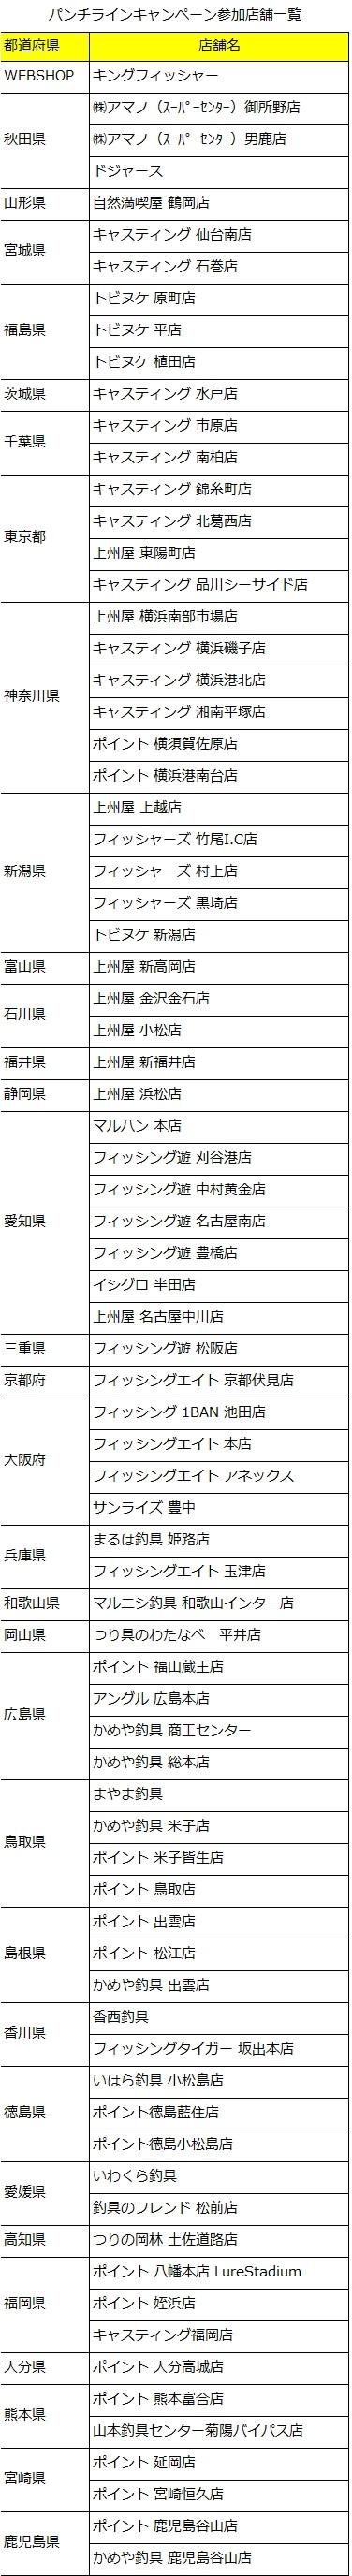 パンチラインキャンペーン参加店一覧5.jpg